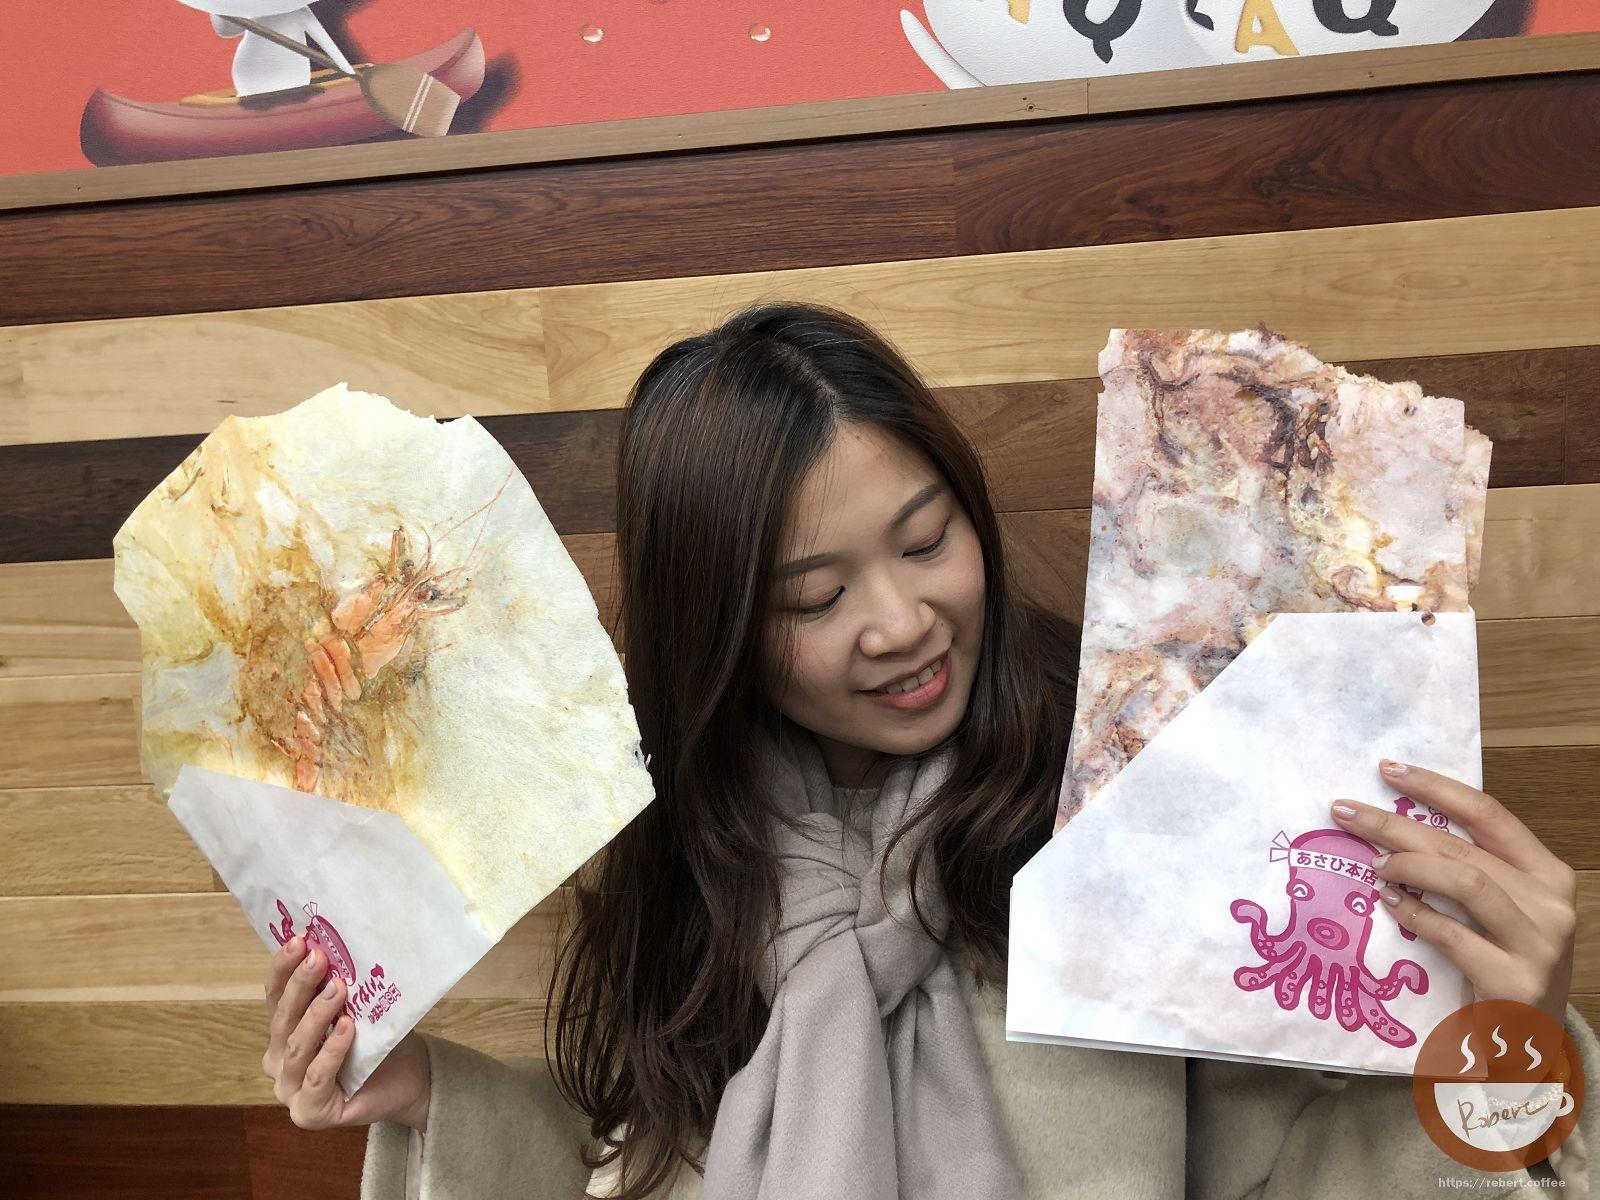 朝日堂仙貝|鎌倉必吃必買,超大章魚仙貝和虎蝦螃蟹仙貝,整隻新鮮大章魚跟虎蝦現壓! 20